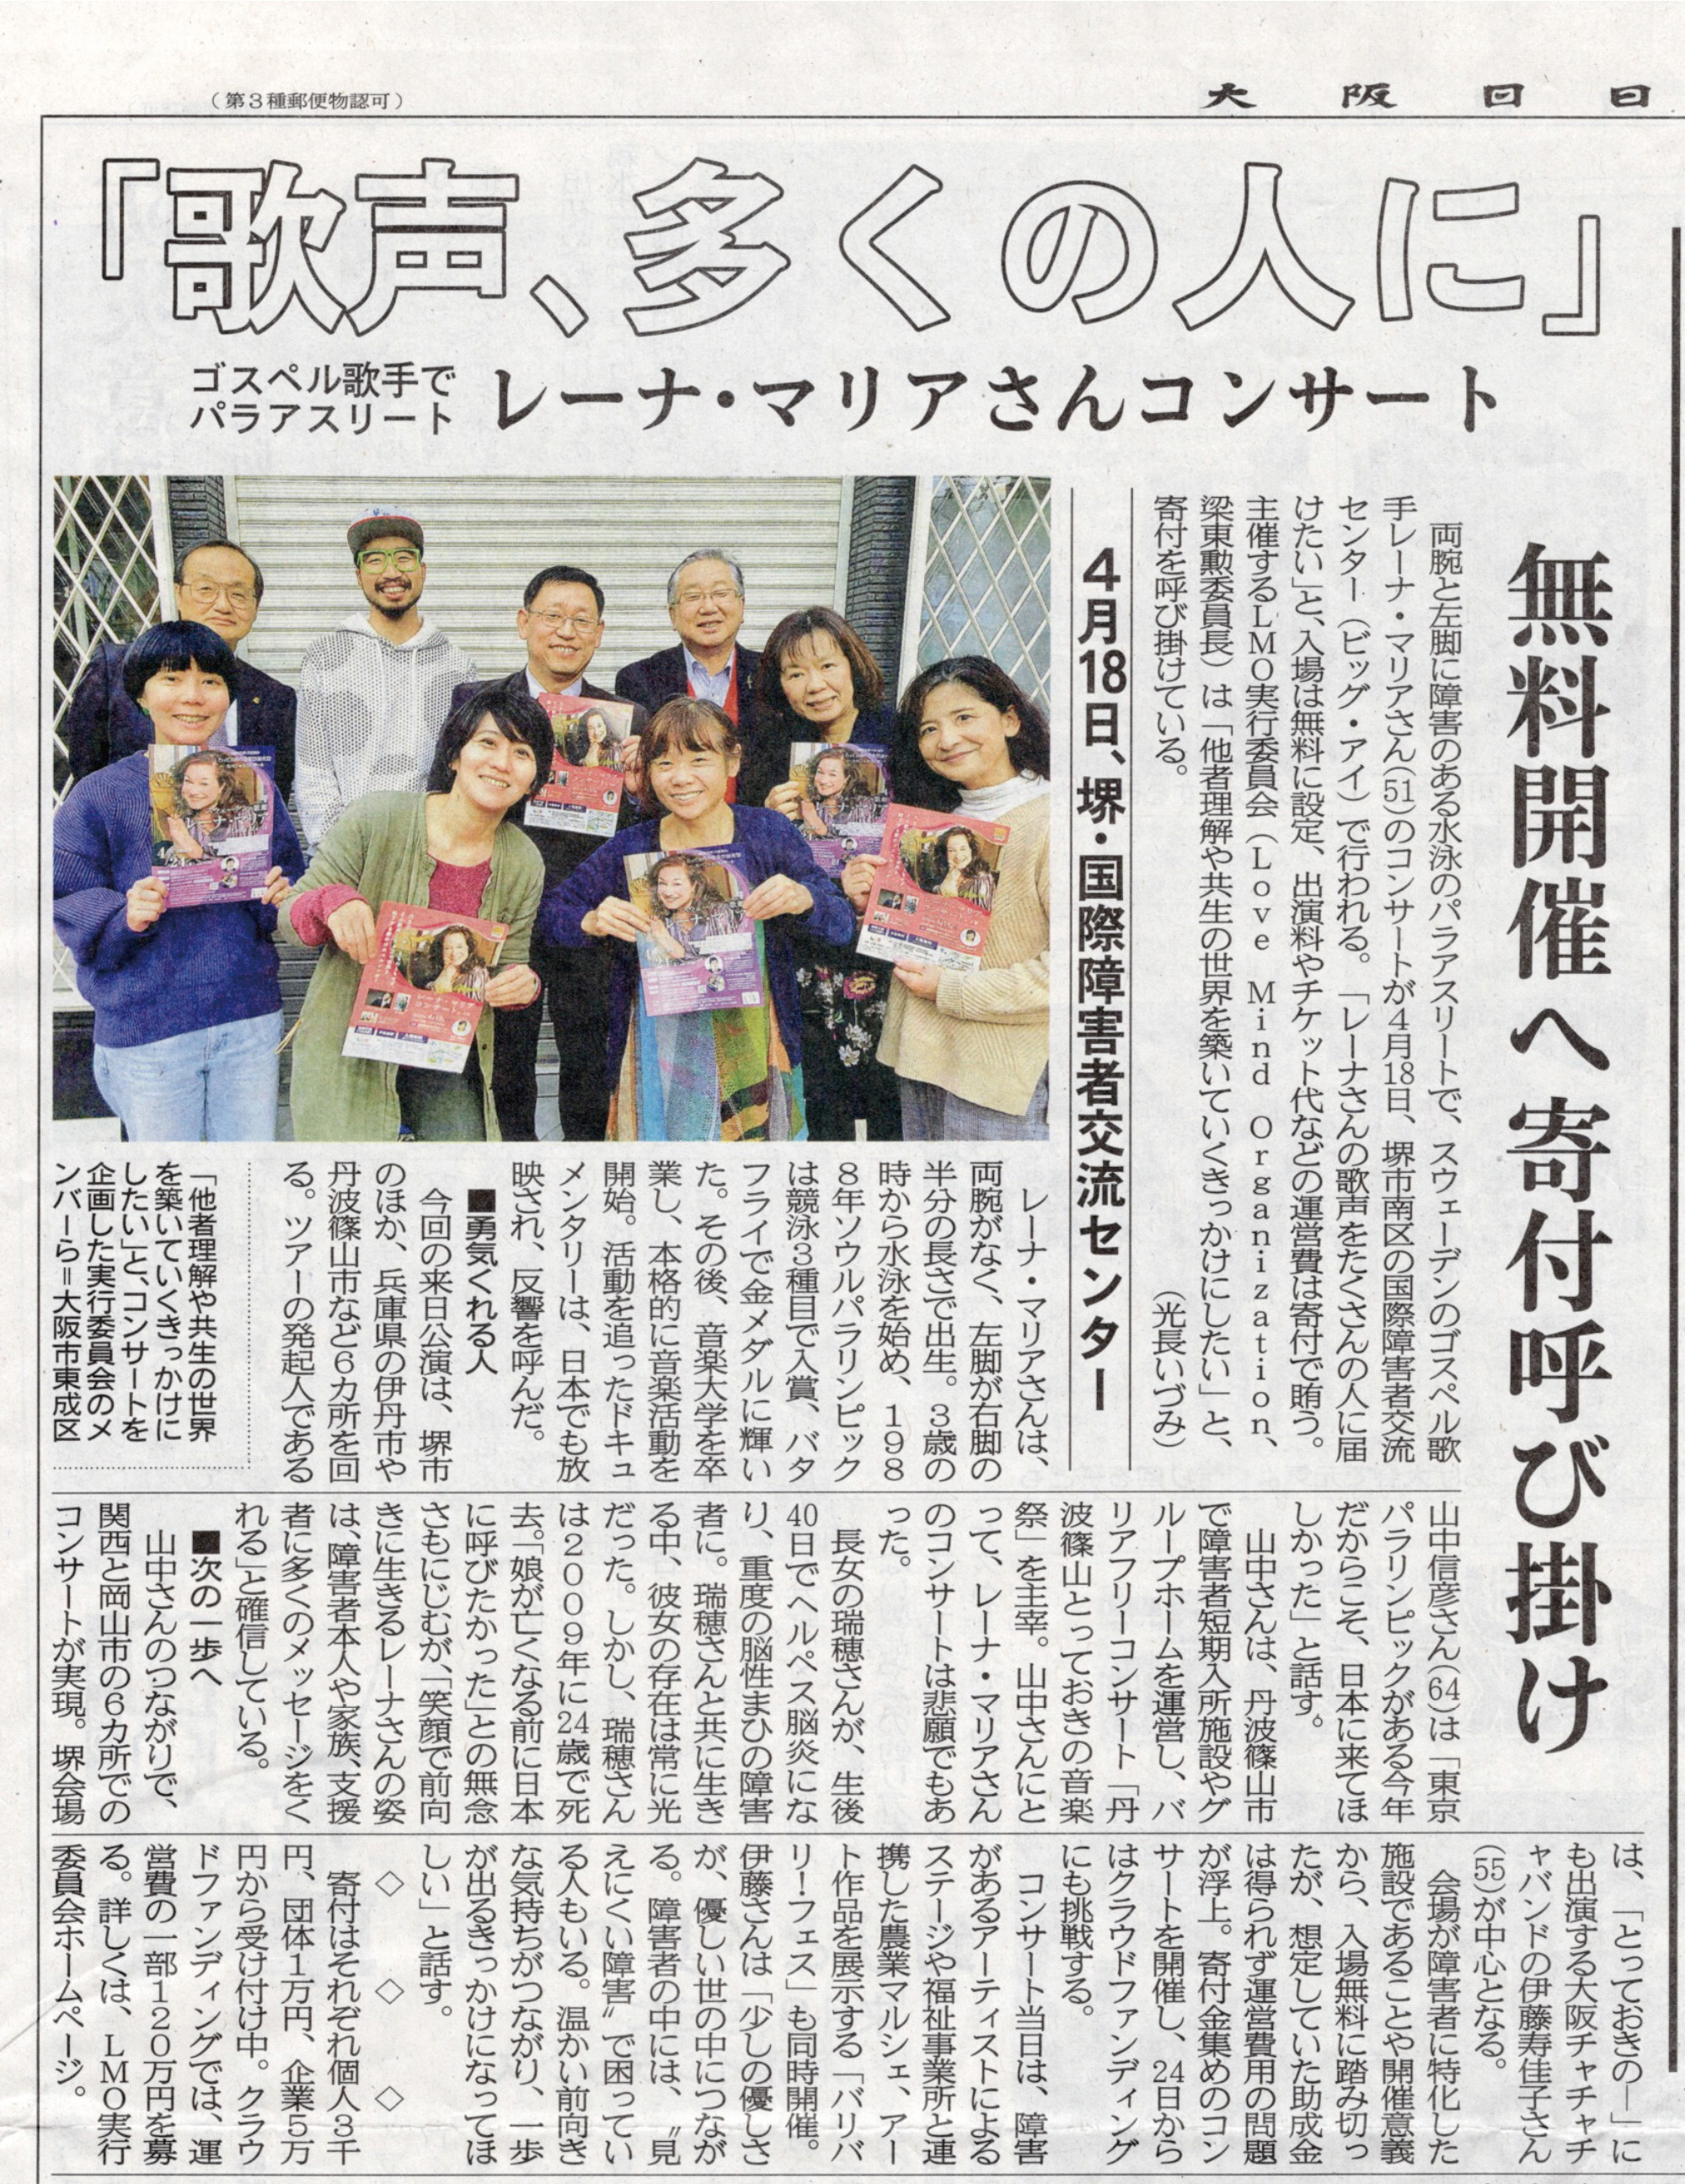 レーナ・マリアコンサートin大阪(ビッグ・アイ)大阪府堺市 2020年4月18日